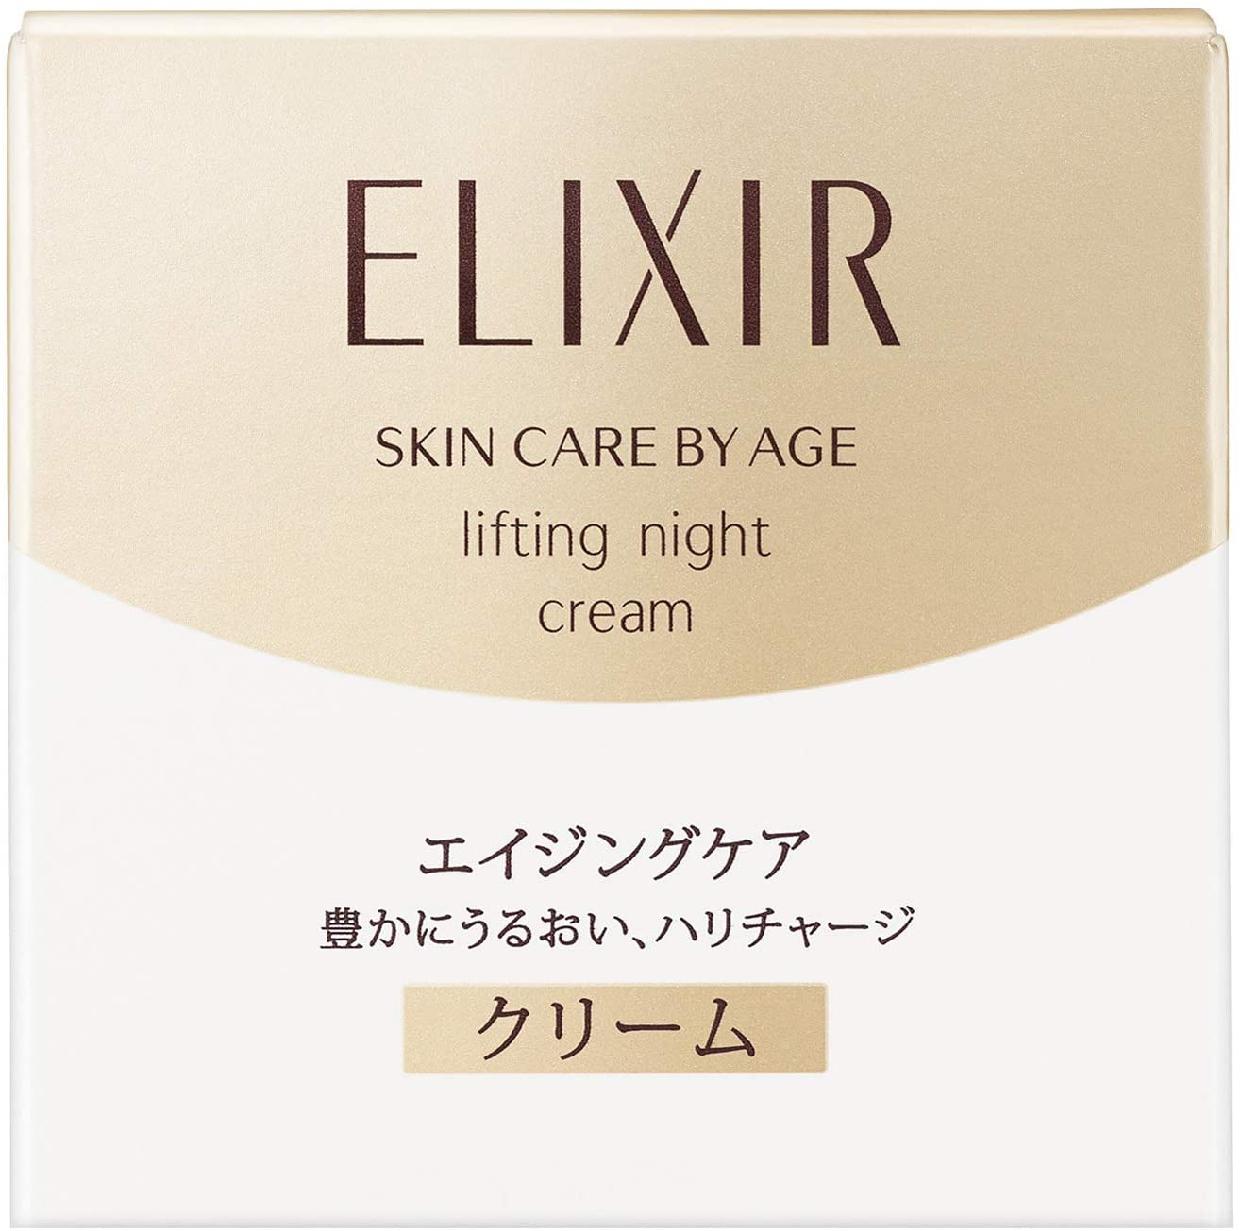 ELIXIR(エリクシール)シュペリエル リフトナイトクリーム Wの商品画像2